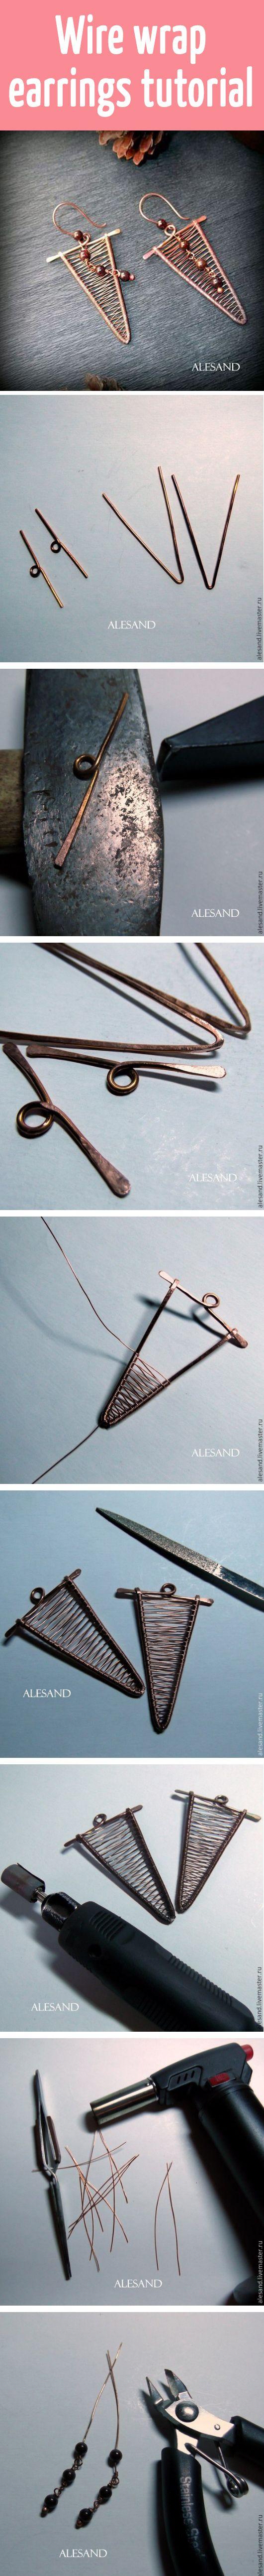 Wire wrap earrings tutorial